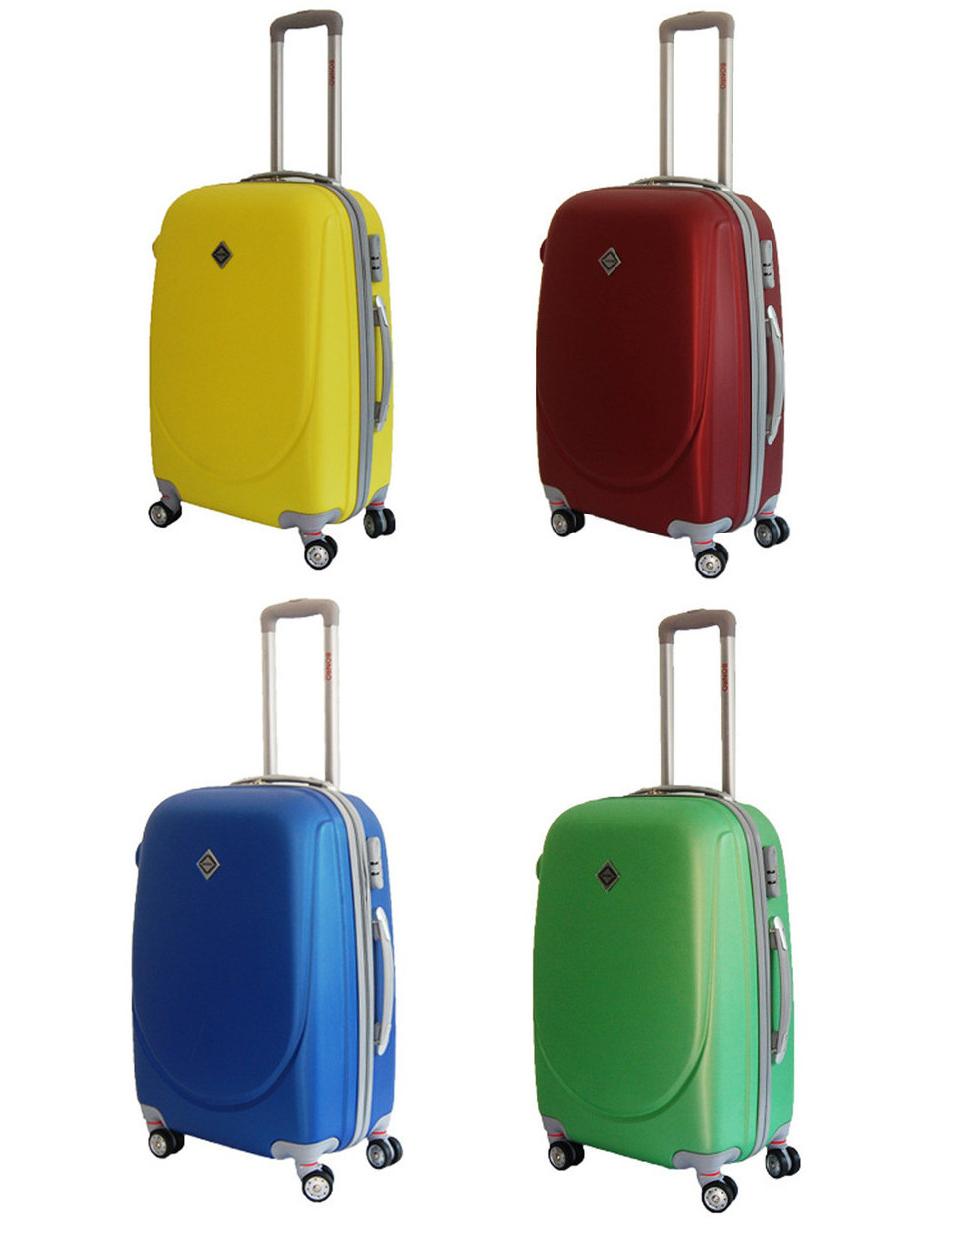 Дорожный чемодан Bonro Smile пластиковый с двойными колесами (Большой)